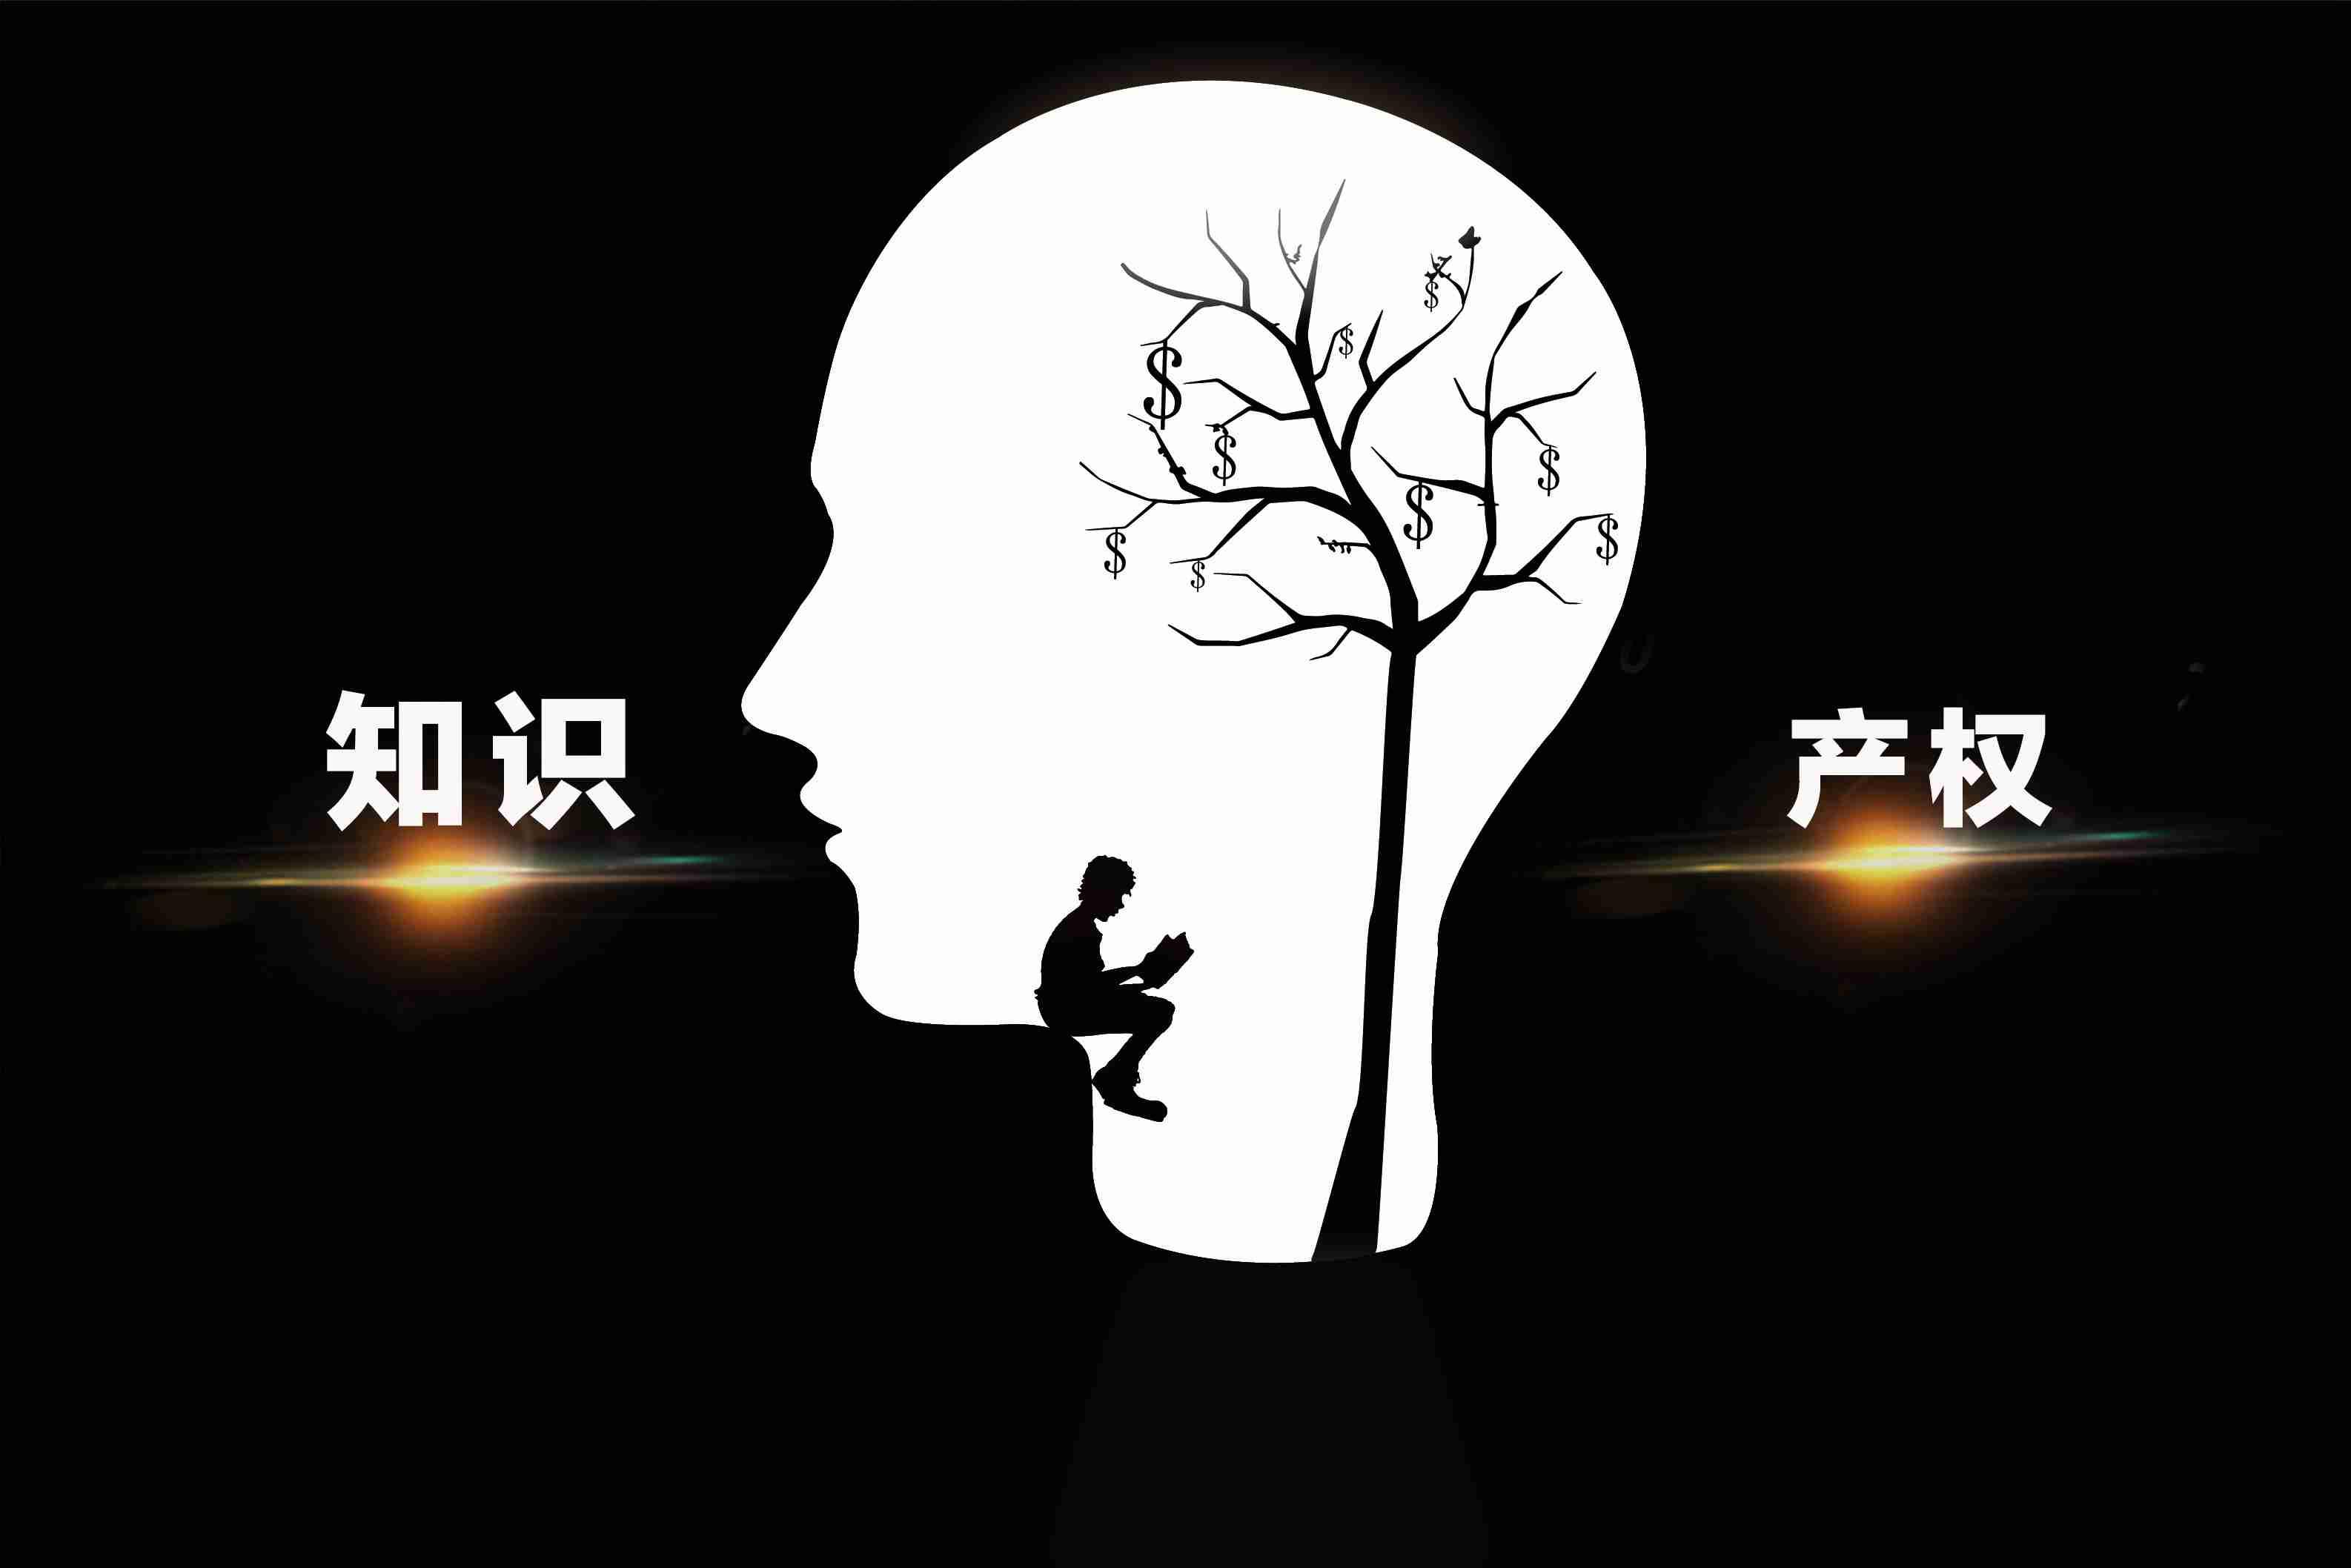 深圳知识产权律师讲短视频侵权诉讼